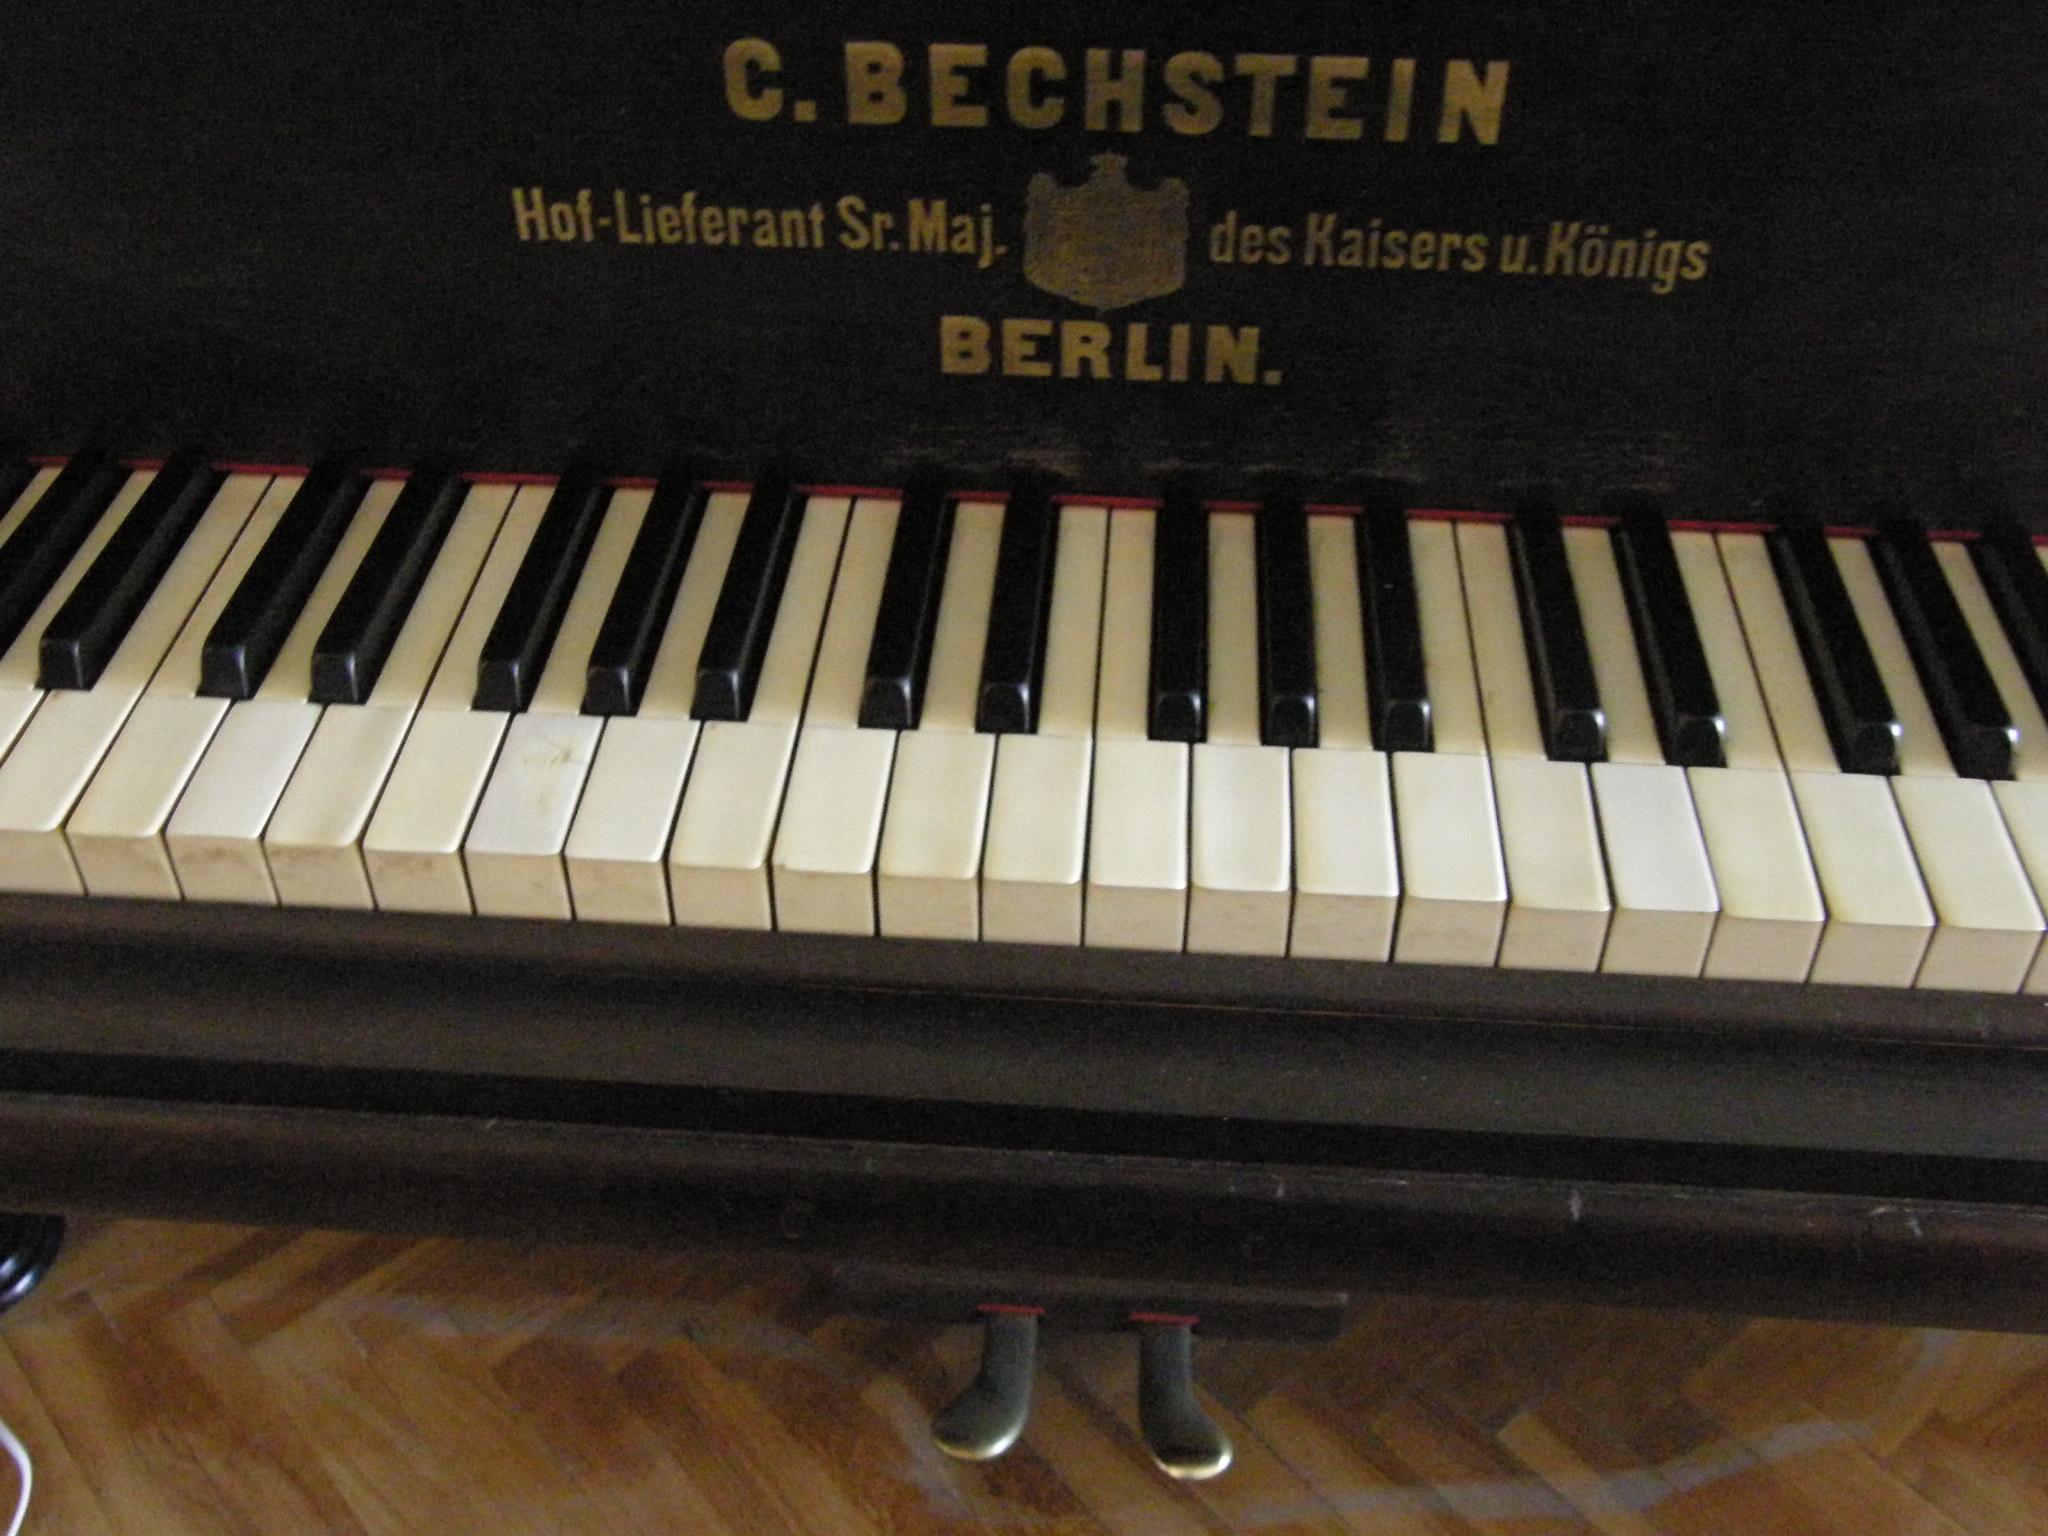 Laura Martín's Bechstein piano